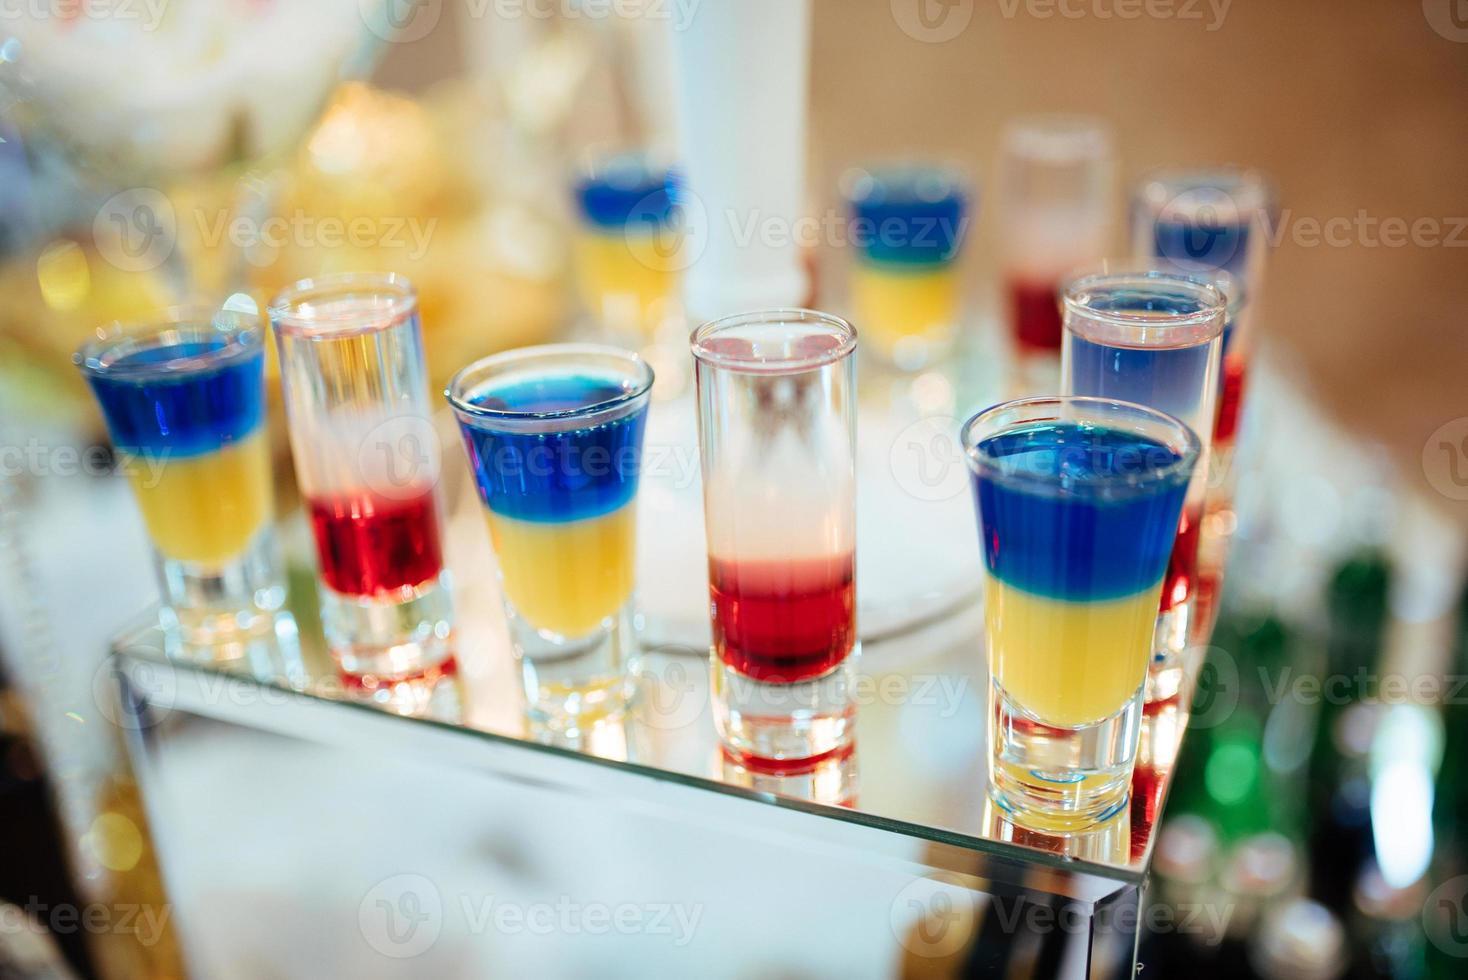 bellissima linea di cocktail di diversi colori foto